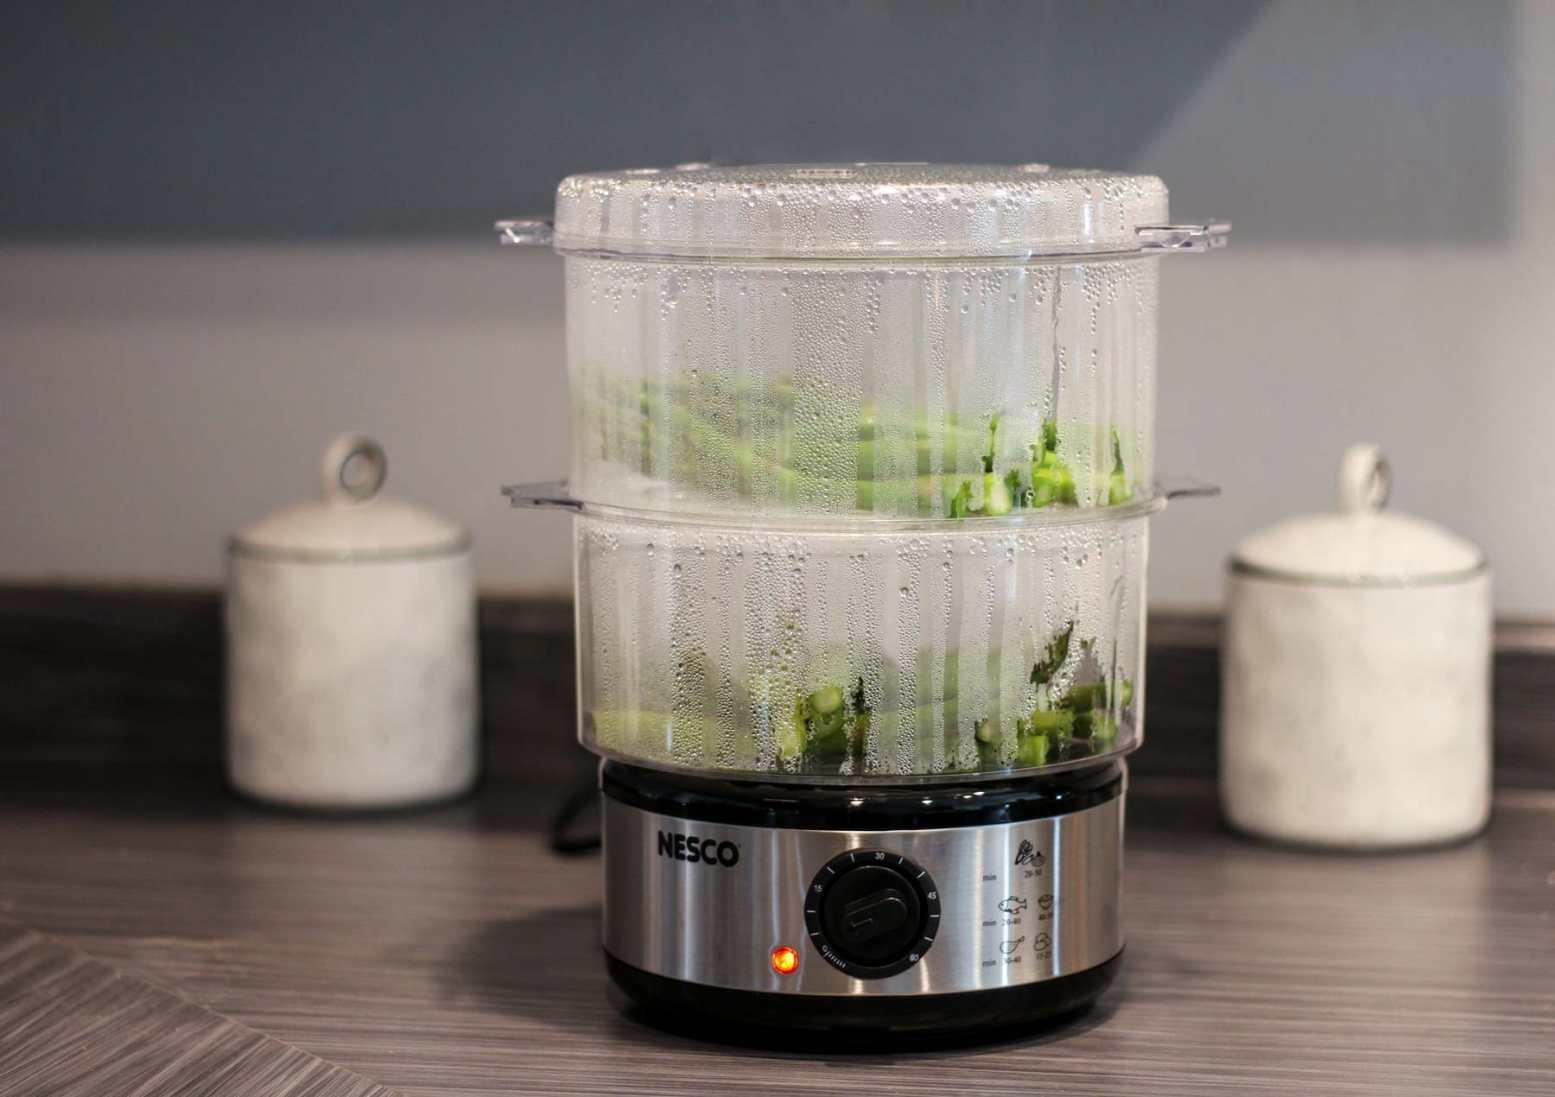 NESCO Food Steamer